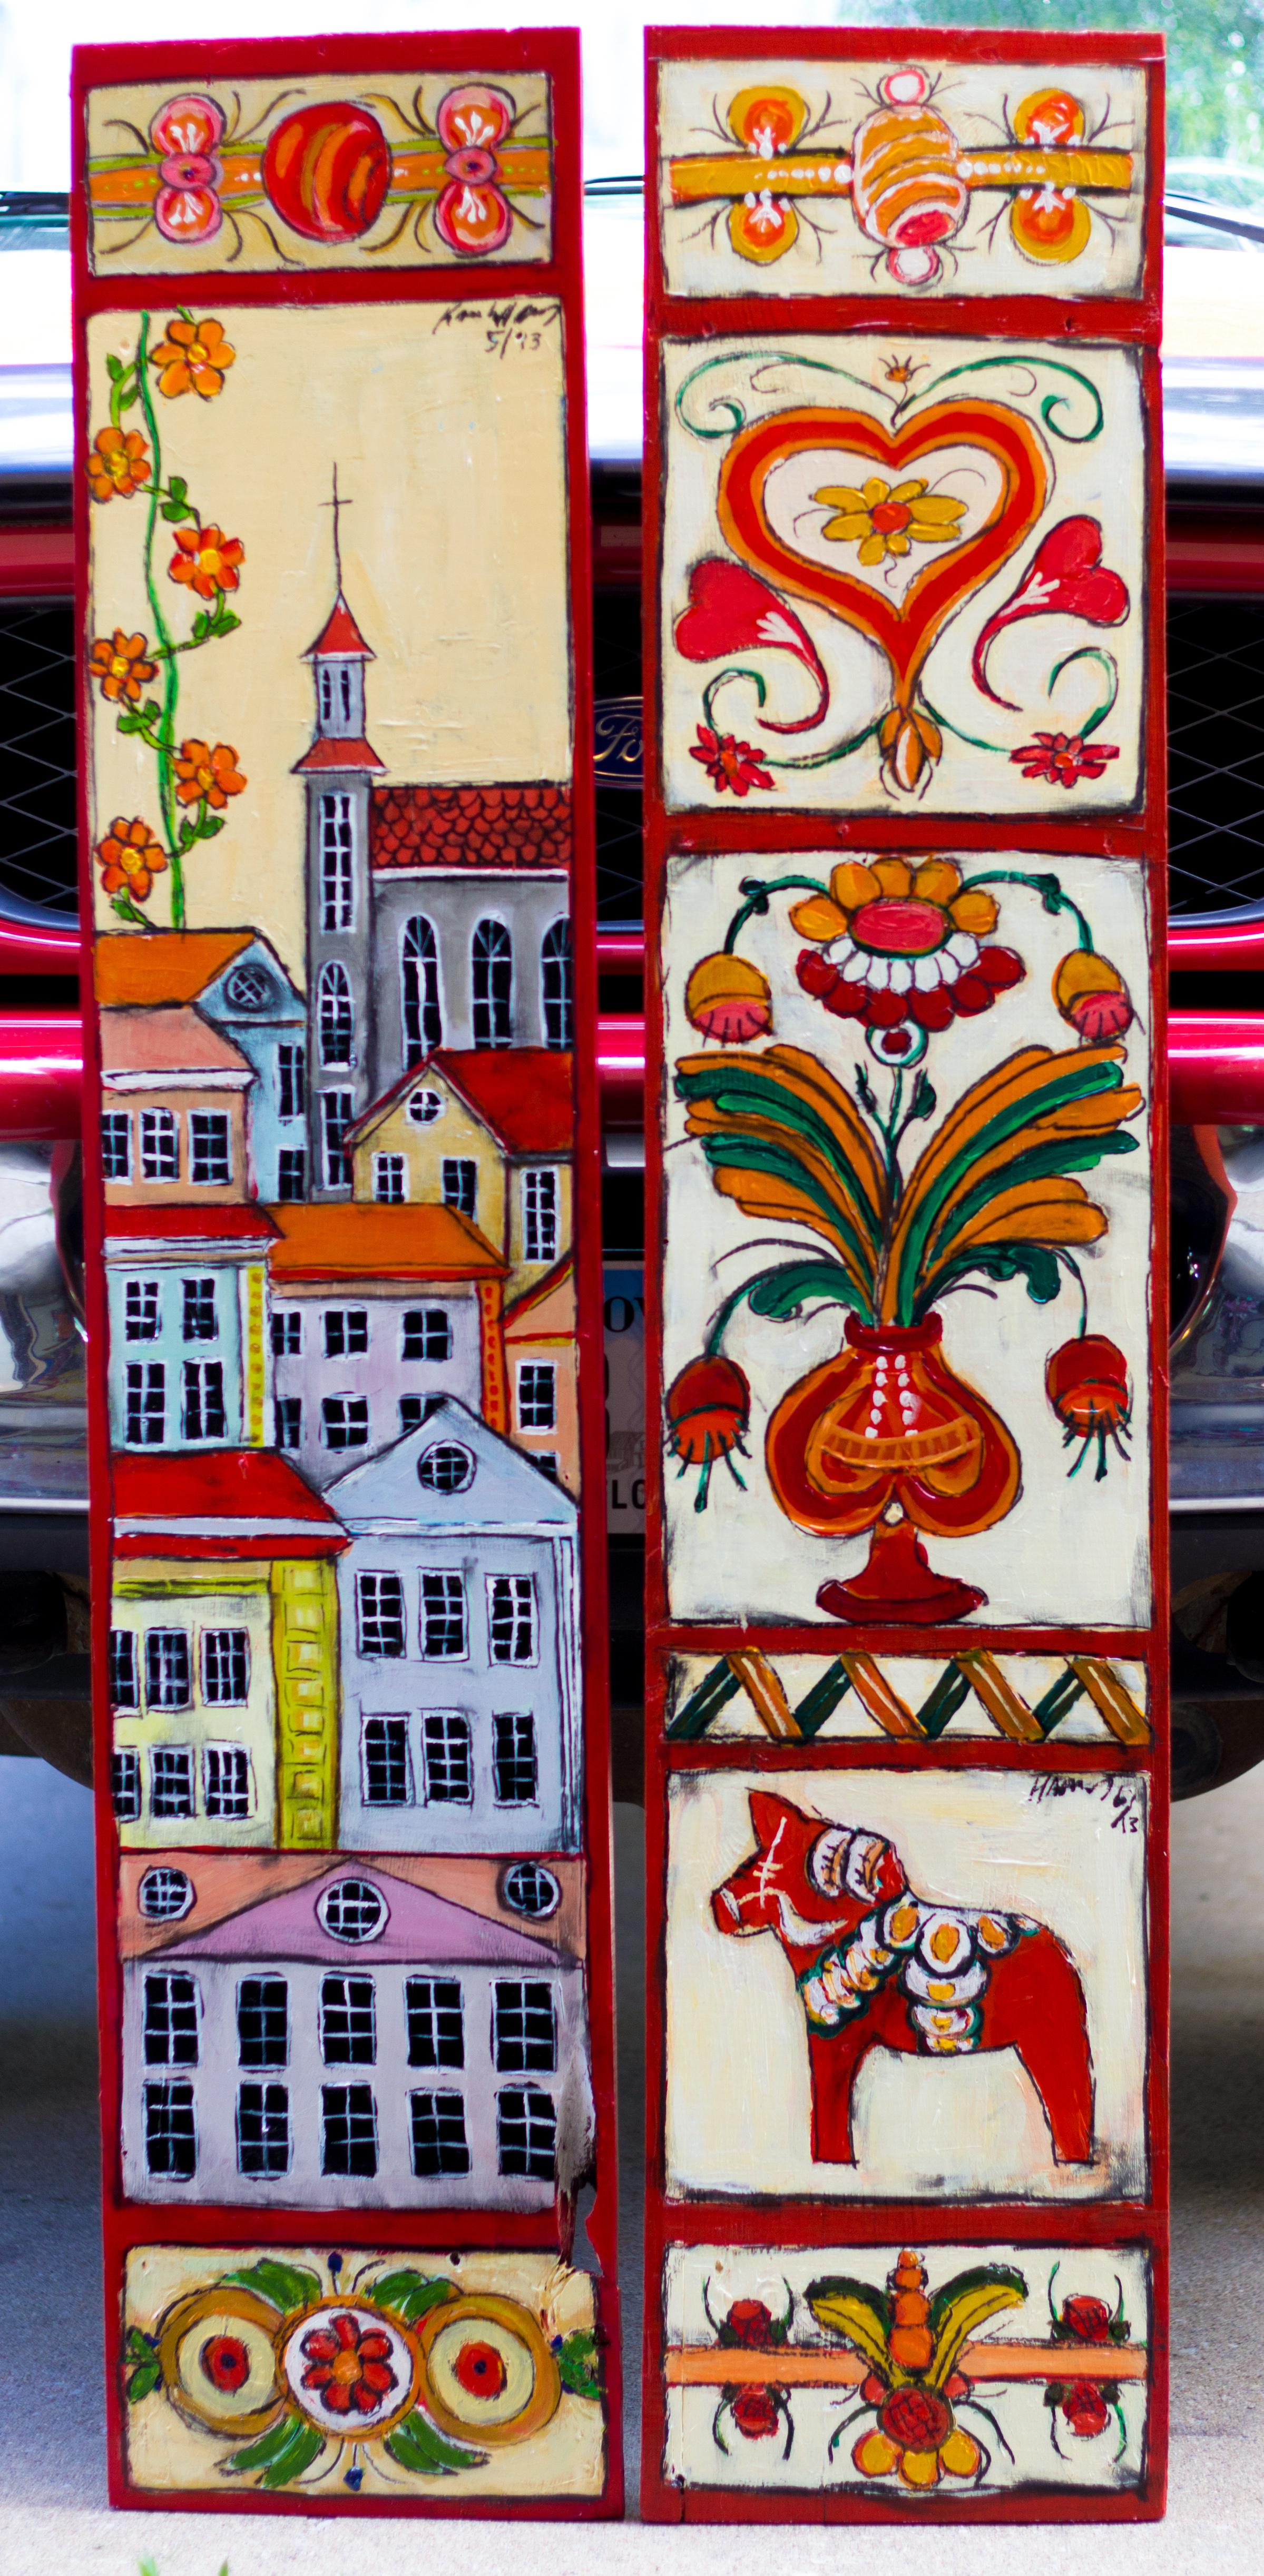 Swedish Folk Art paintings